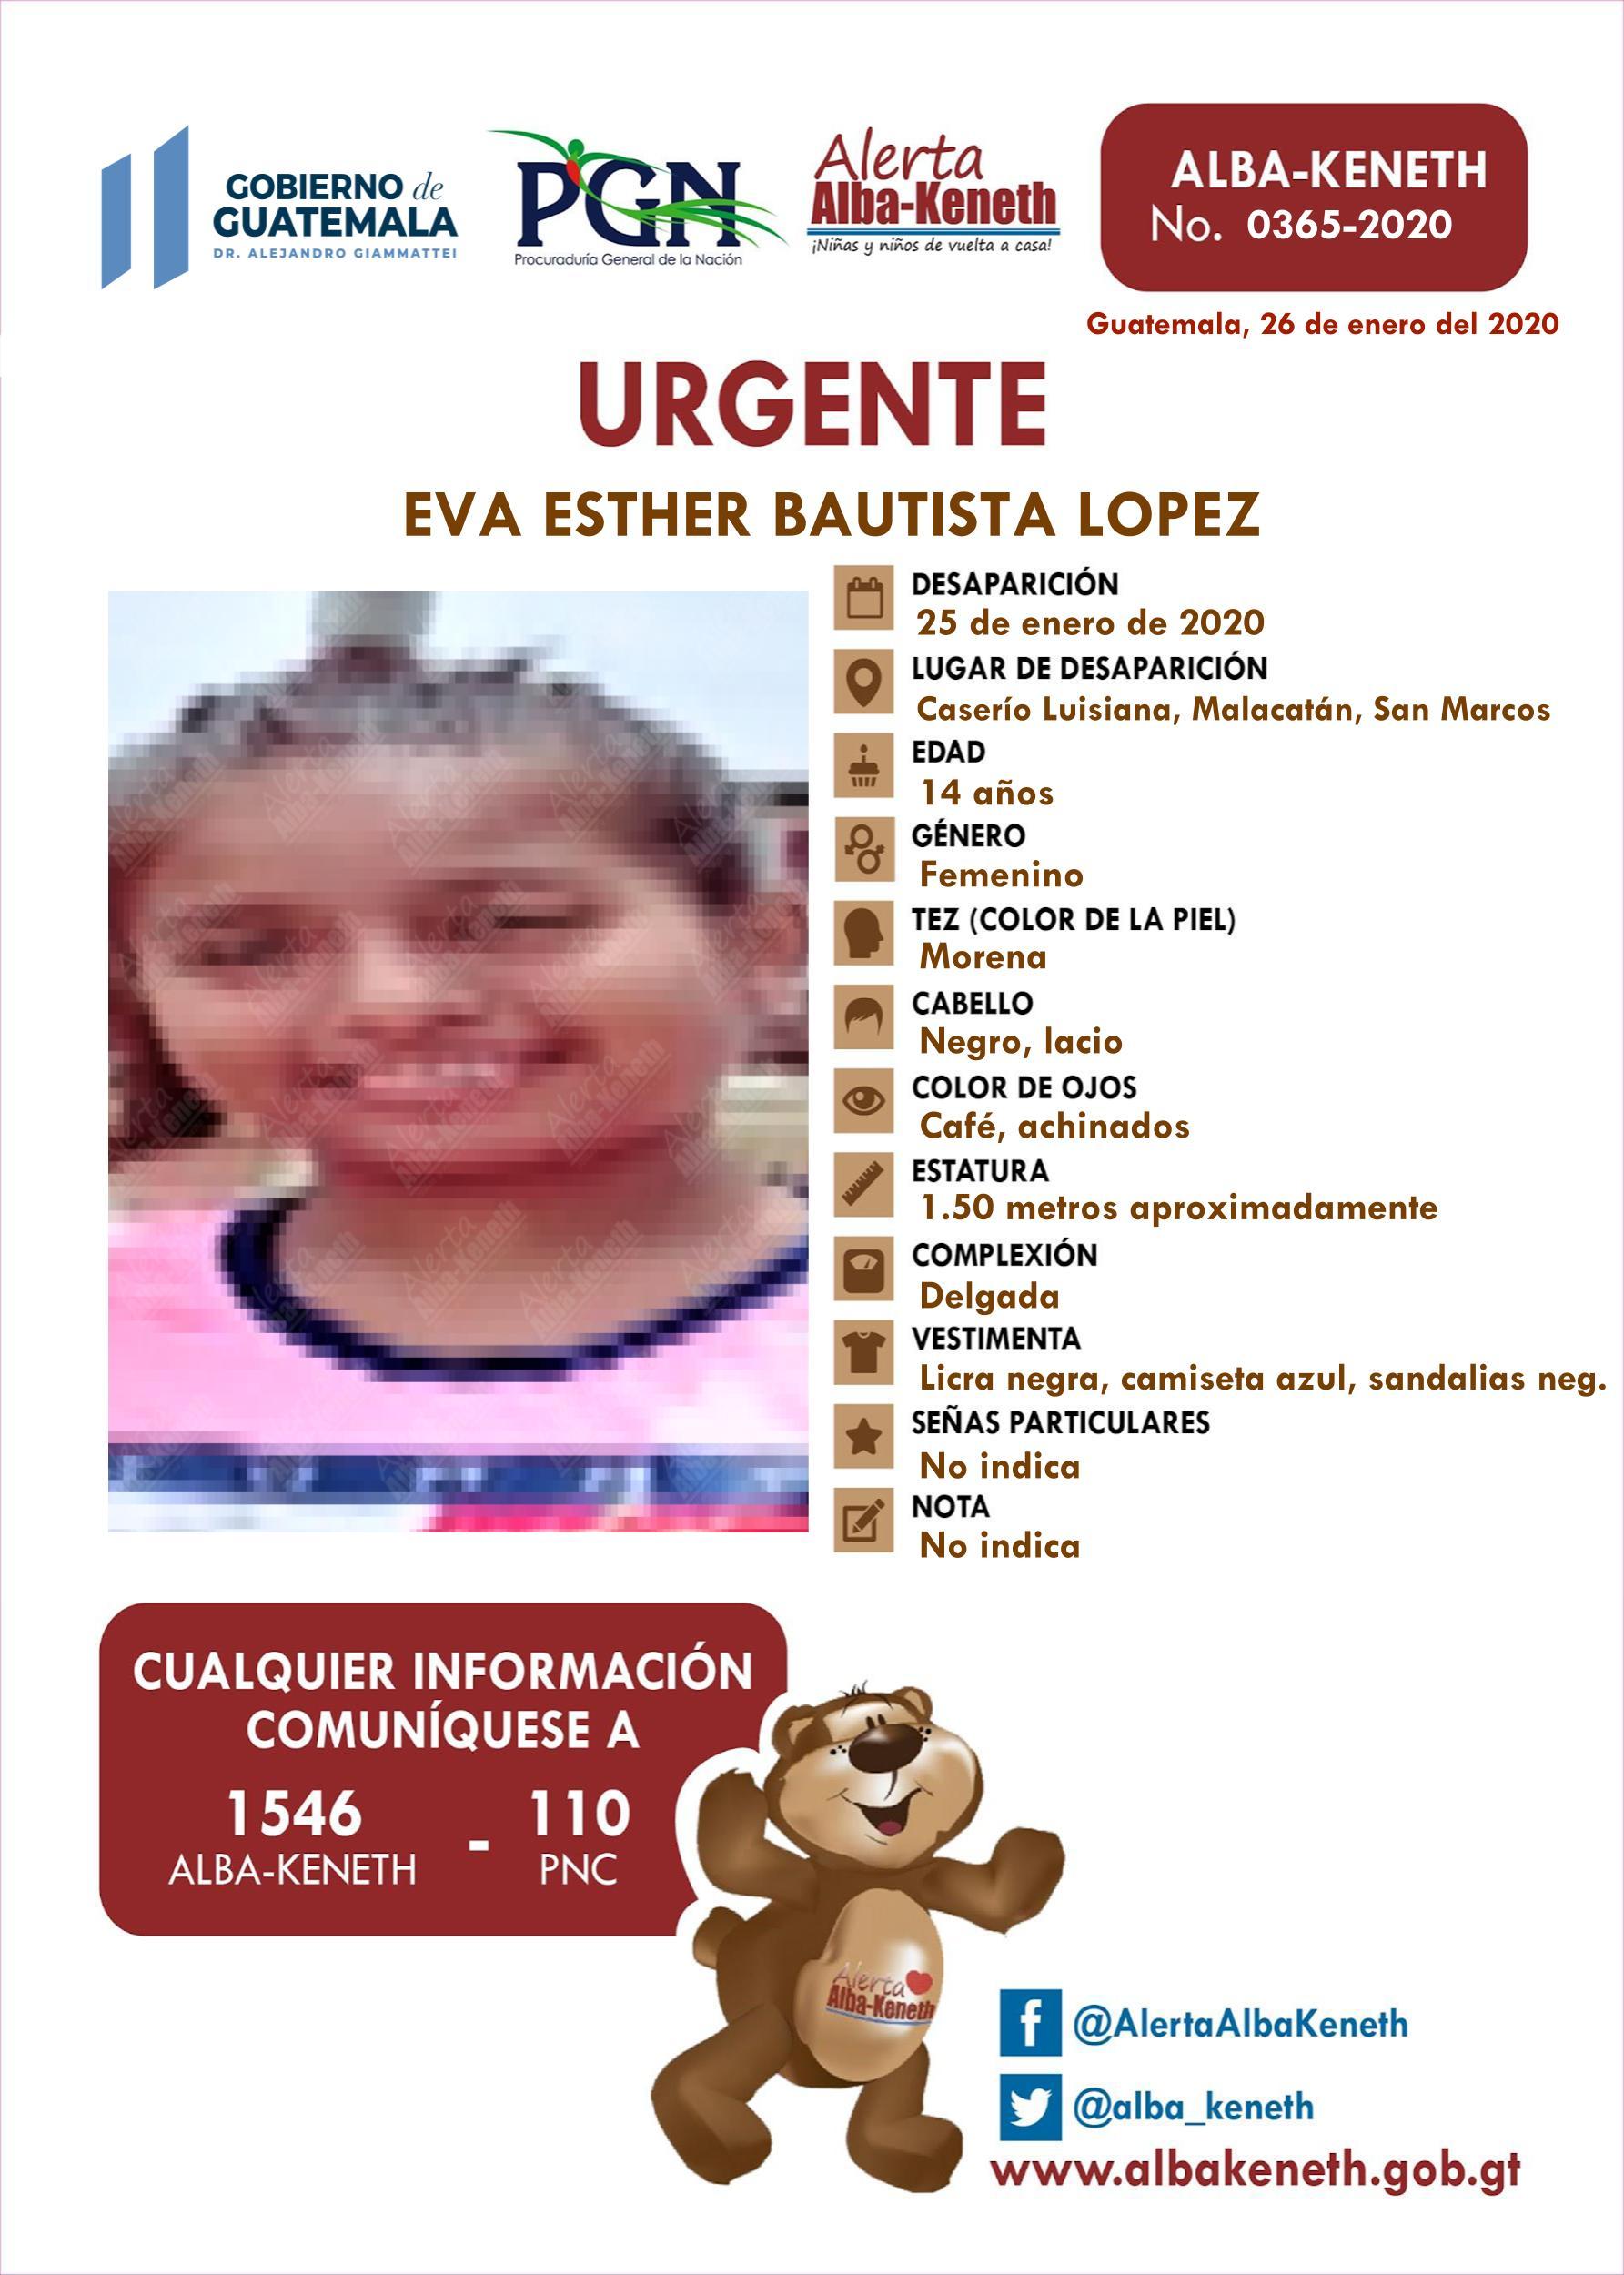 Eva Esther Bautista Lopez